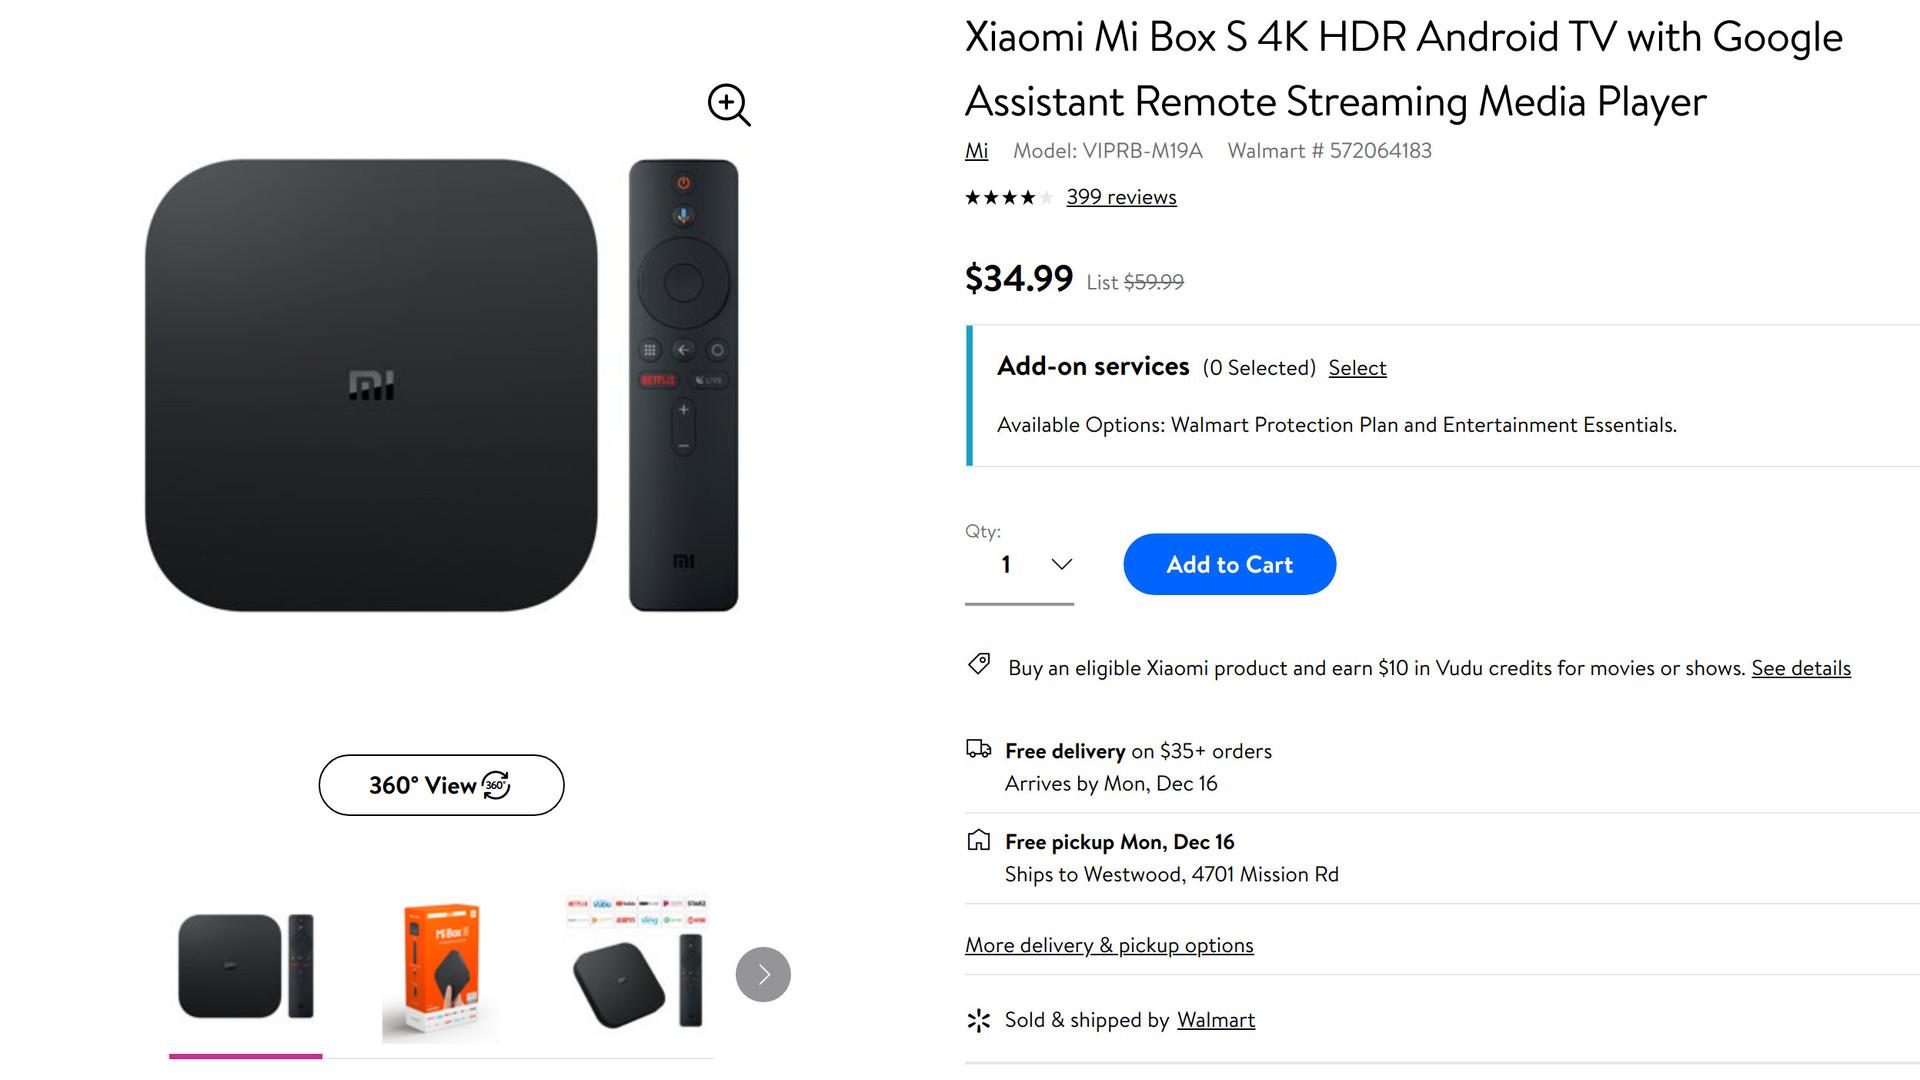 Xiaomi Mi Box S Walmart sale